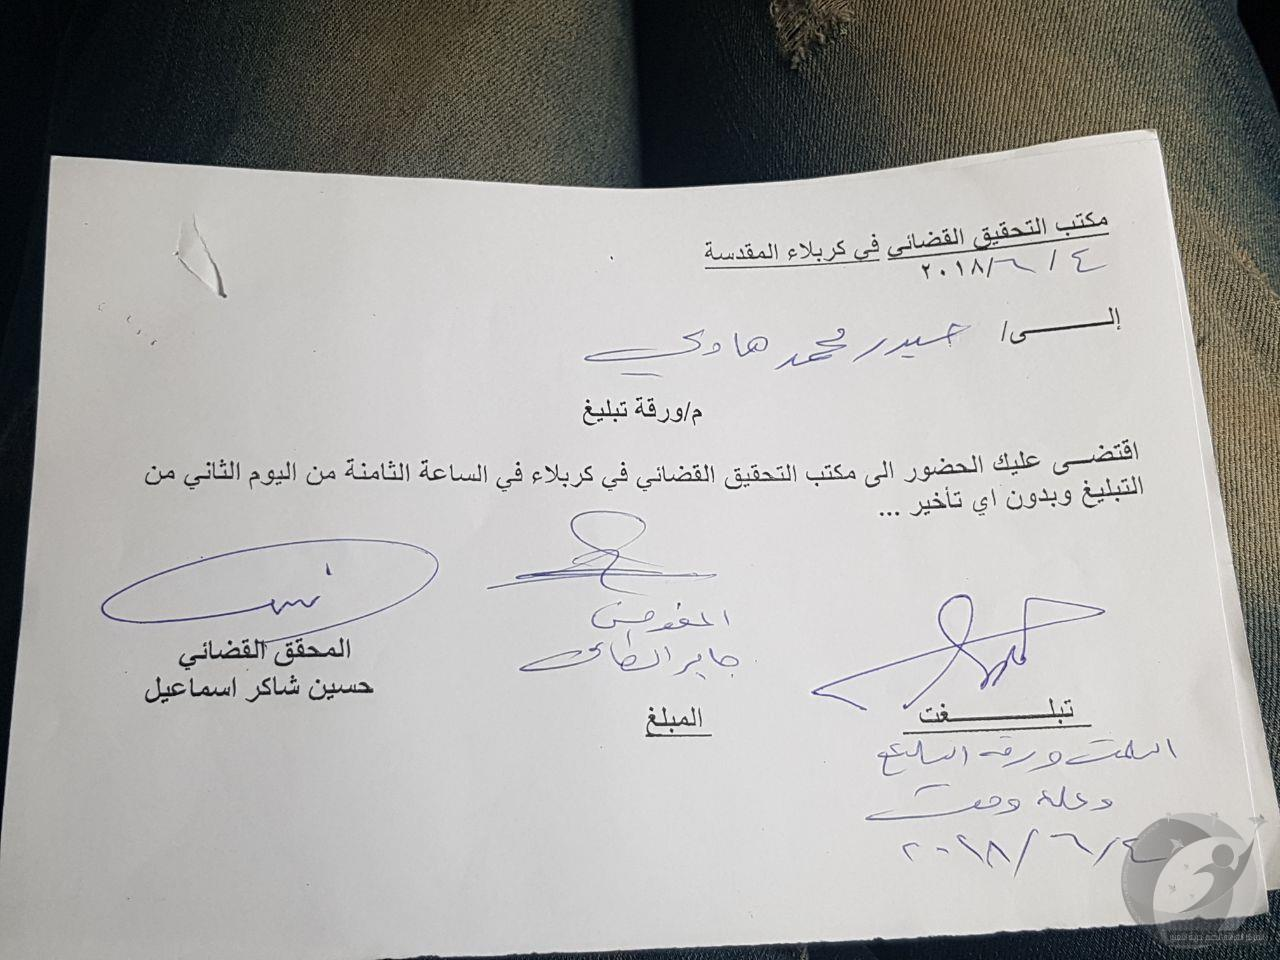 مراسل تلفزيوني في كربلاء يواجه القضاء بدعوتين خلال يوم واحد